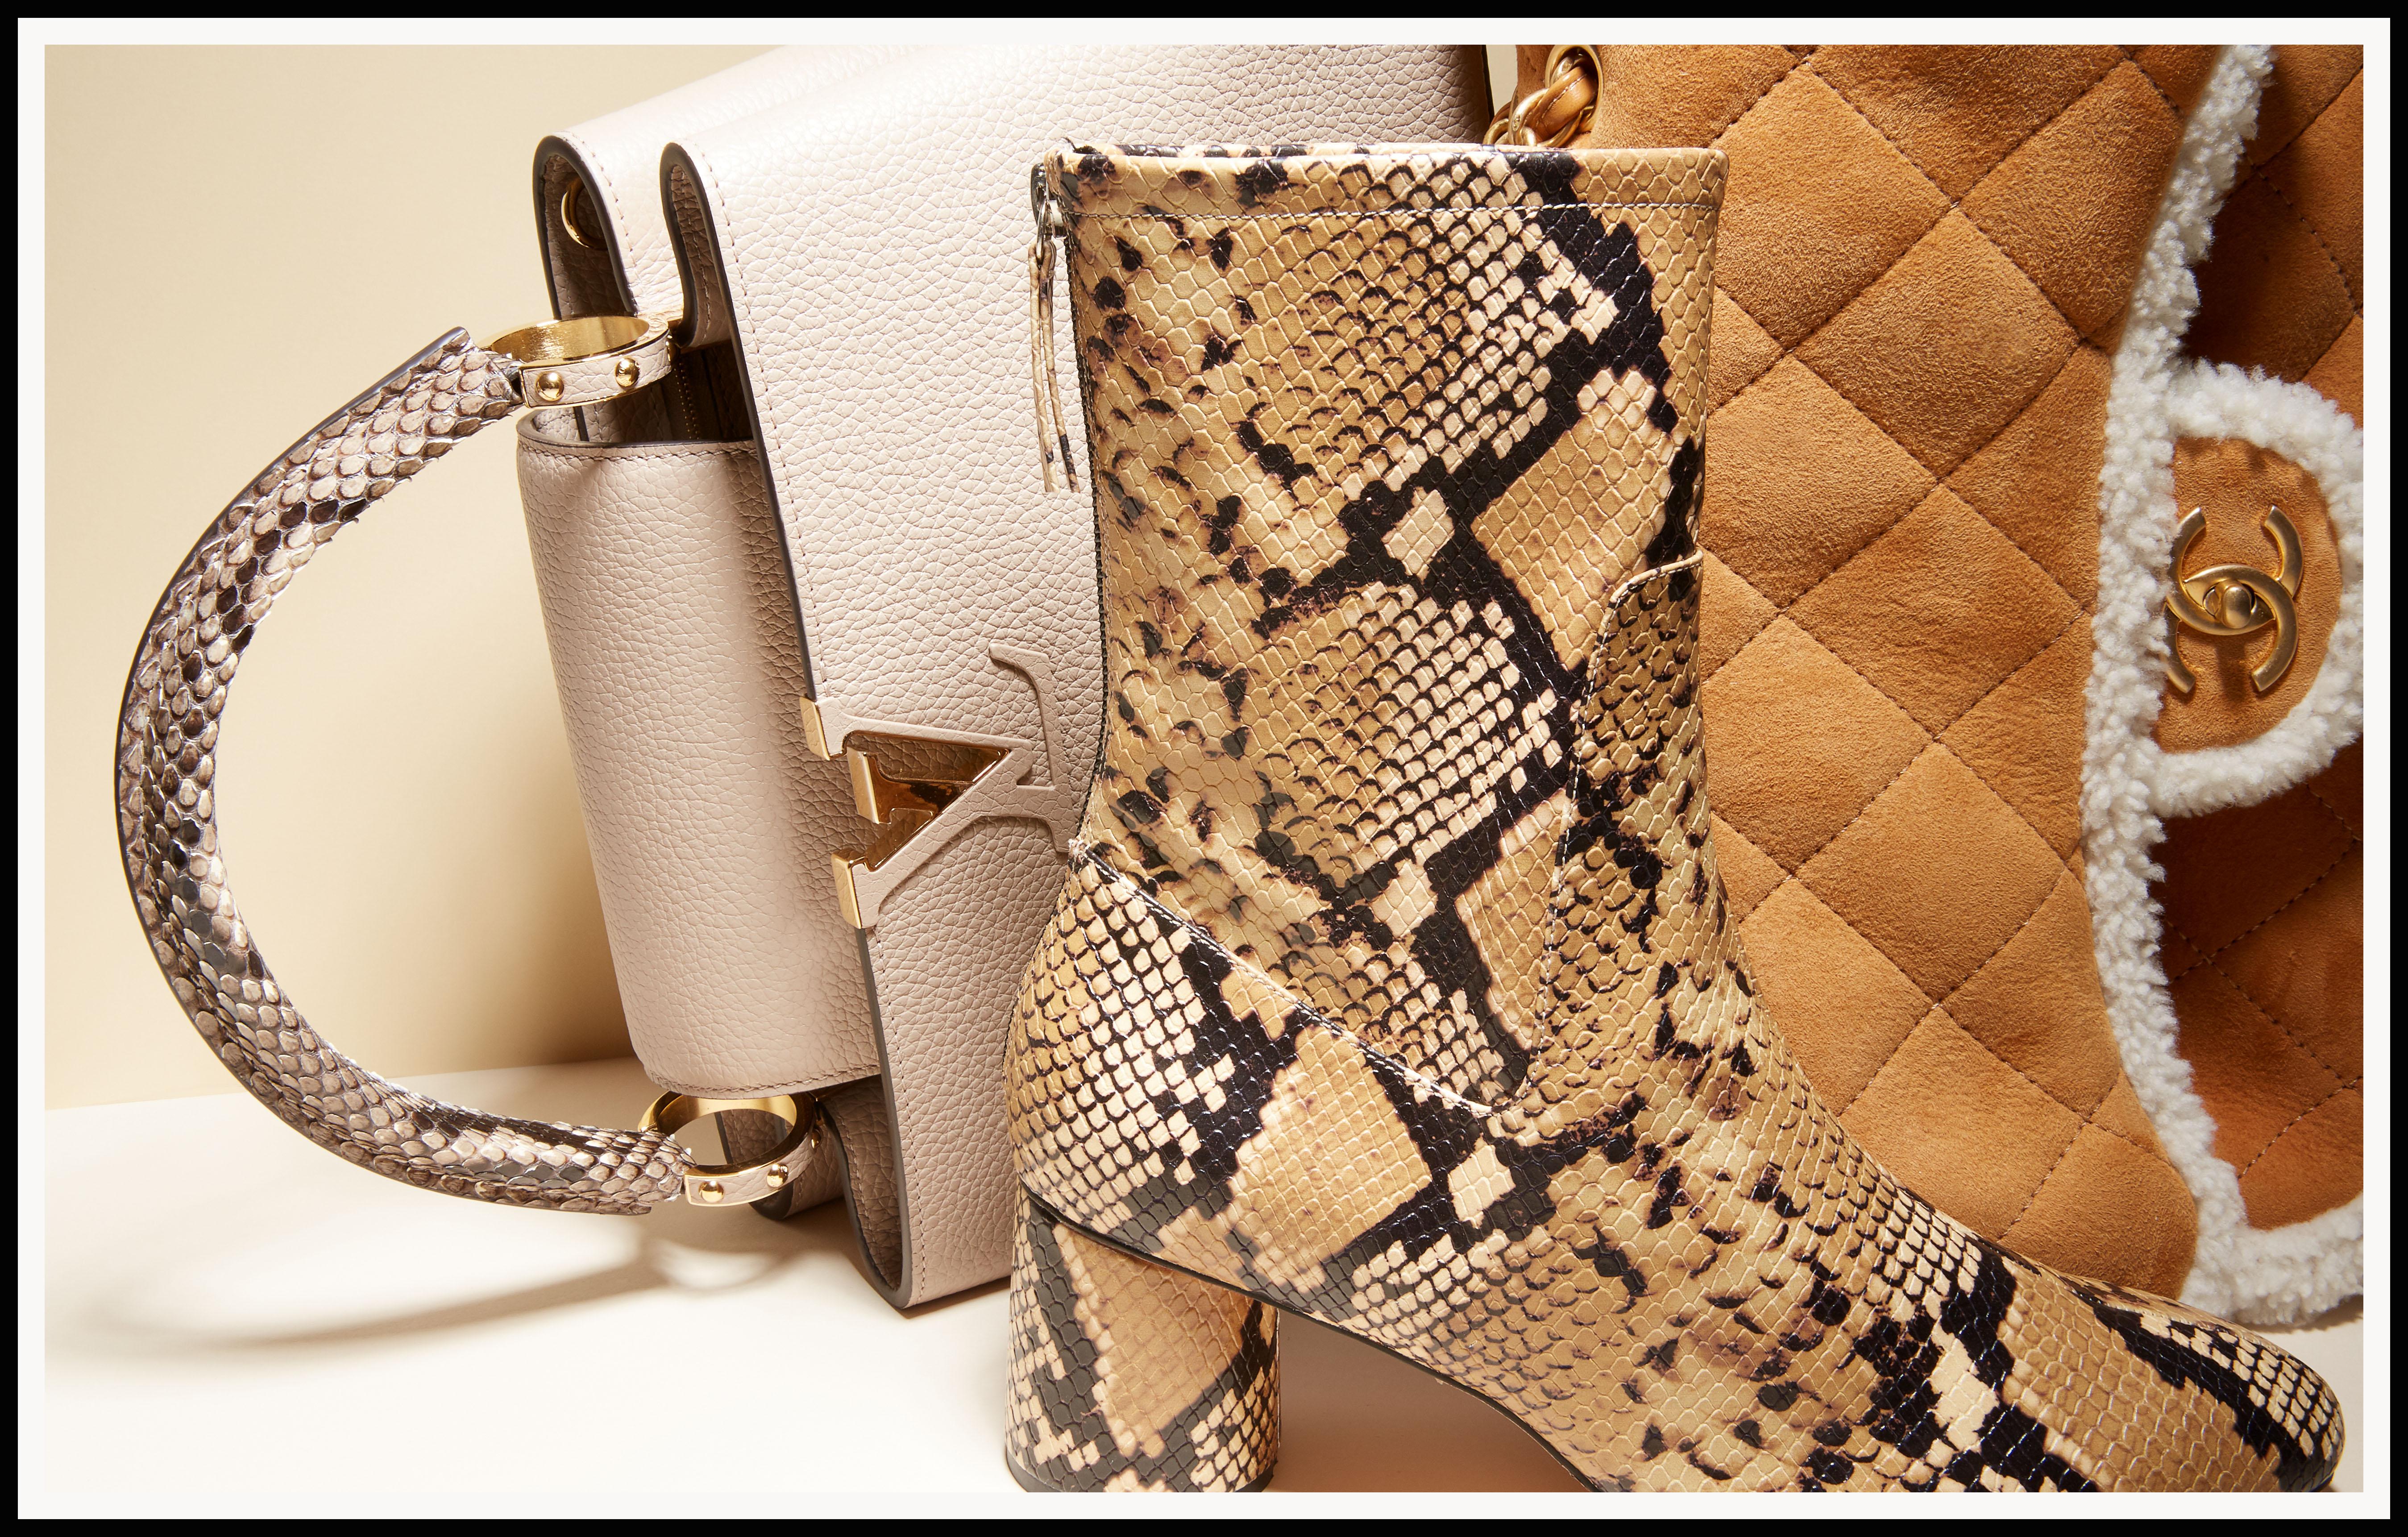 Bolso con asa en pitón de Louis Vuitton. Botin en pitón con tacón redondo de Zara. Bolso en piel de cordero de Chanel.